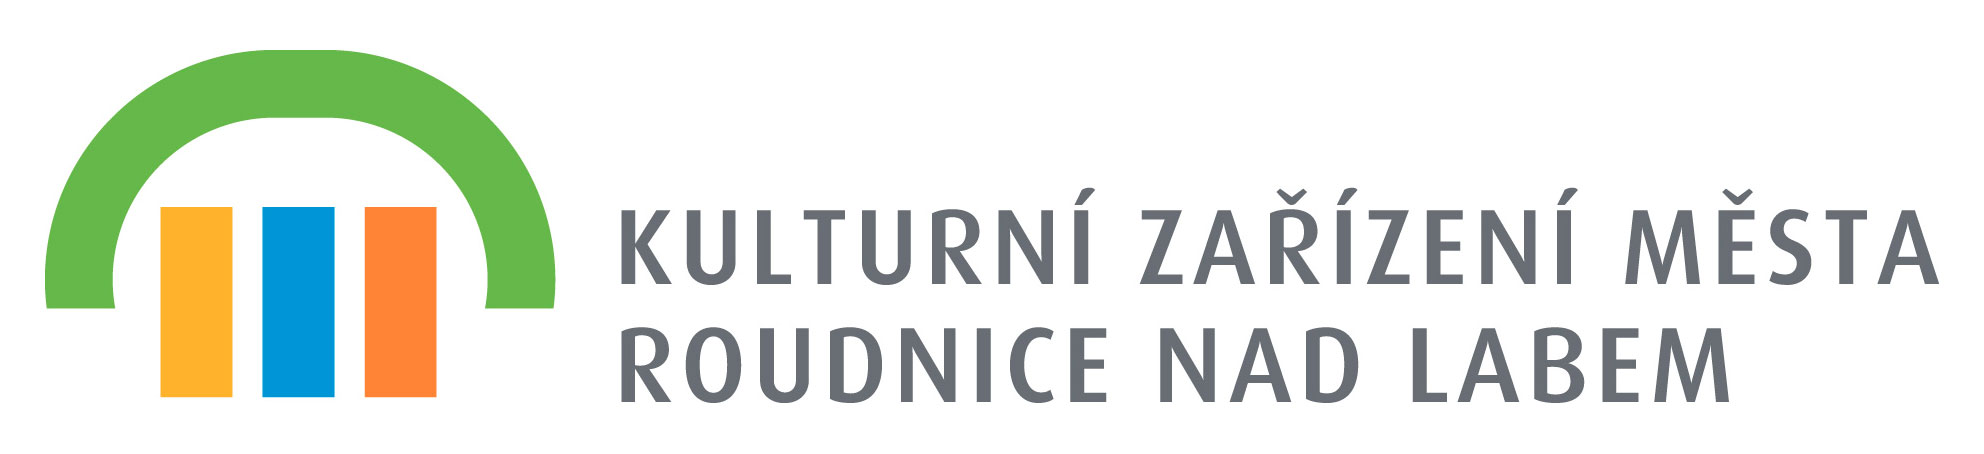 Kulturní zařízení města Roudnice nad Labem – logo